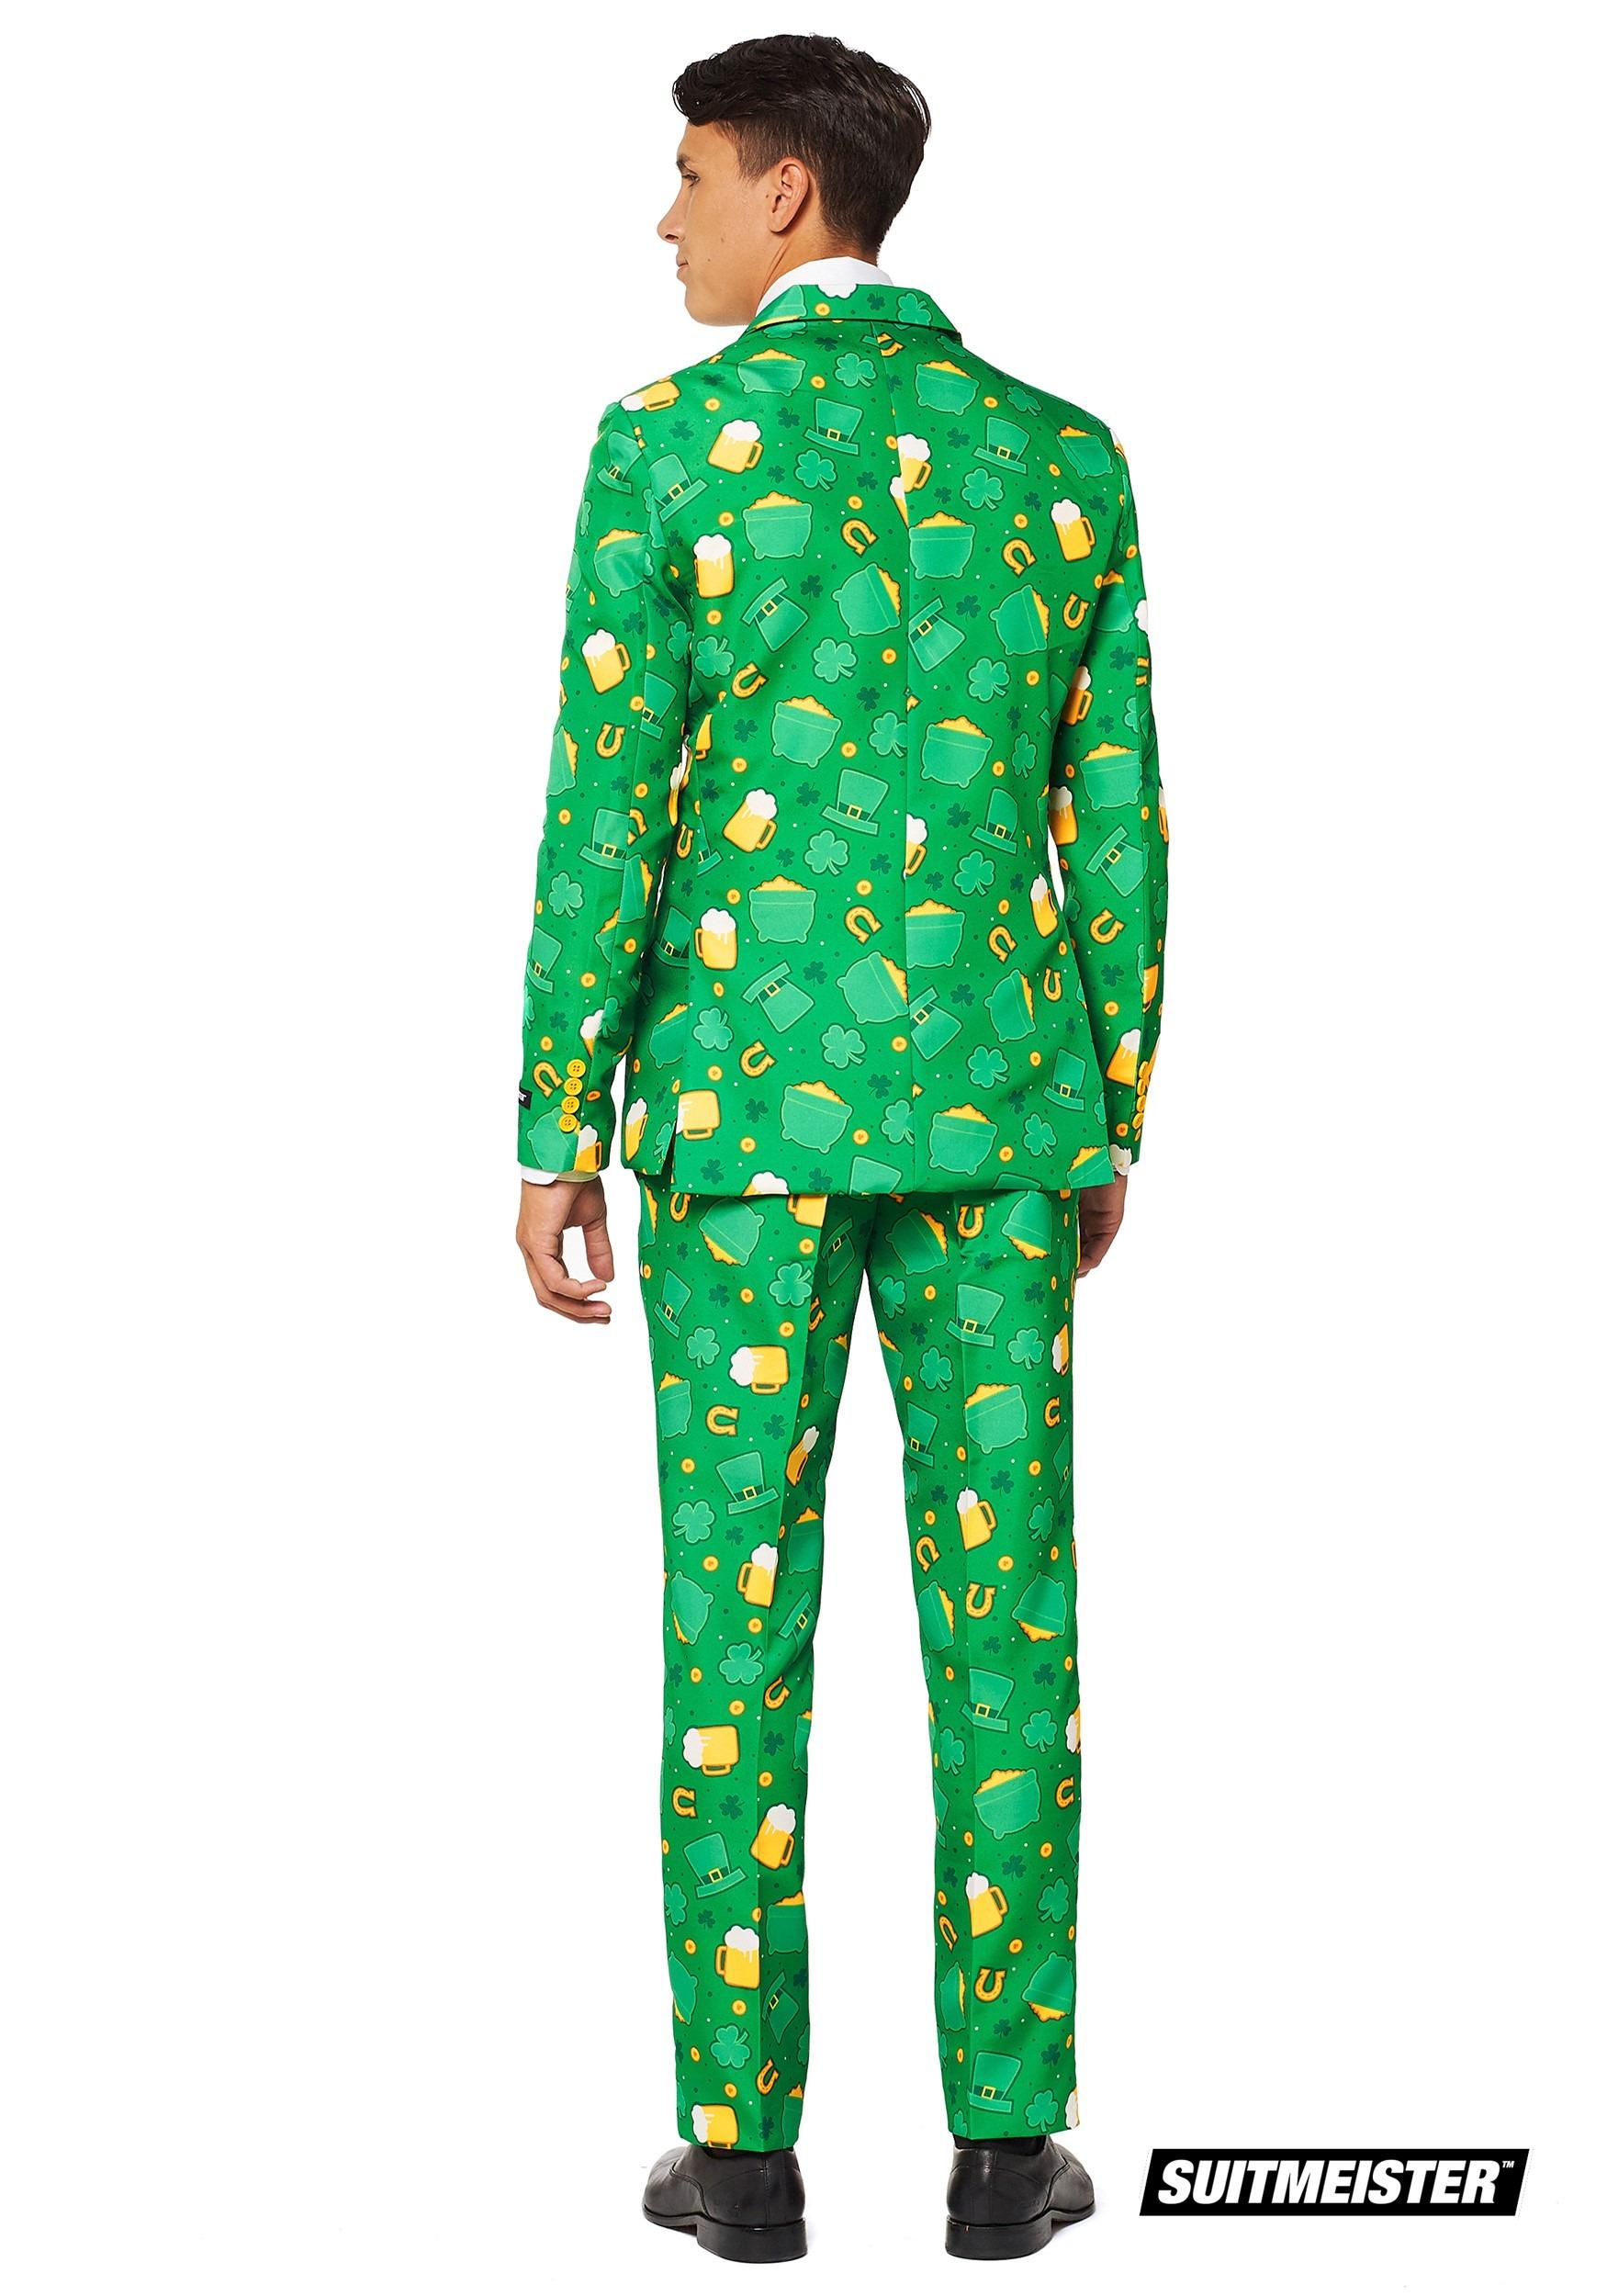 fe50e951bd23 ... SuitMeister St. Patrick's Day Men's Suit alt1